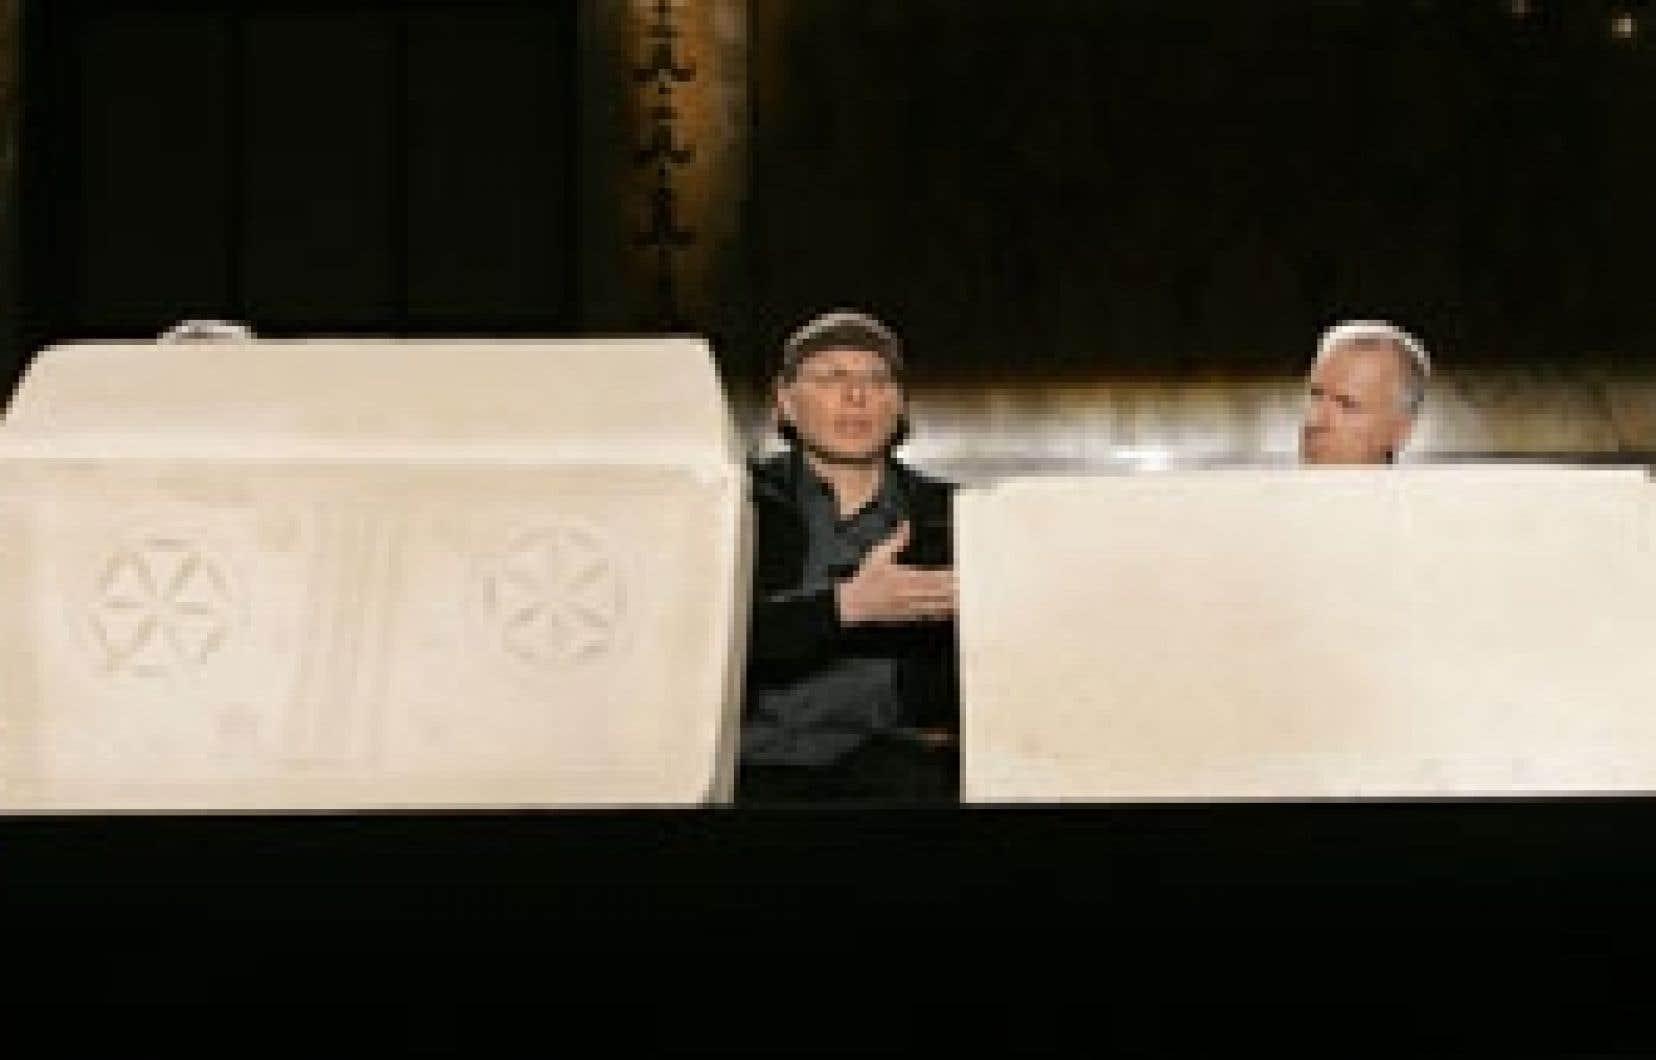 Les réalisateurs Simcha Jacobovici et James Cameron (à droite) ont exhibé hier à New York deux ossuaires, vieux de 2000 ans et retrouvés en 1980 à Jérusalem, qui auraient contenu les ossements de Jésus et Marie-Madeleine. Ils ont fait état de la